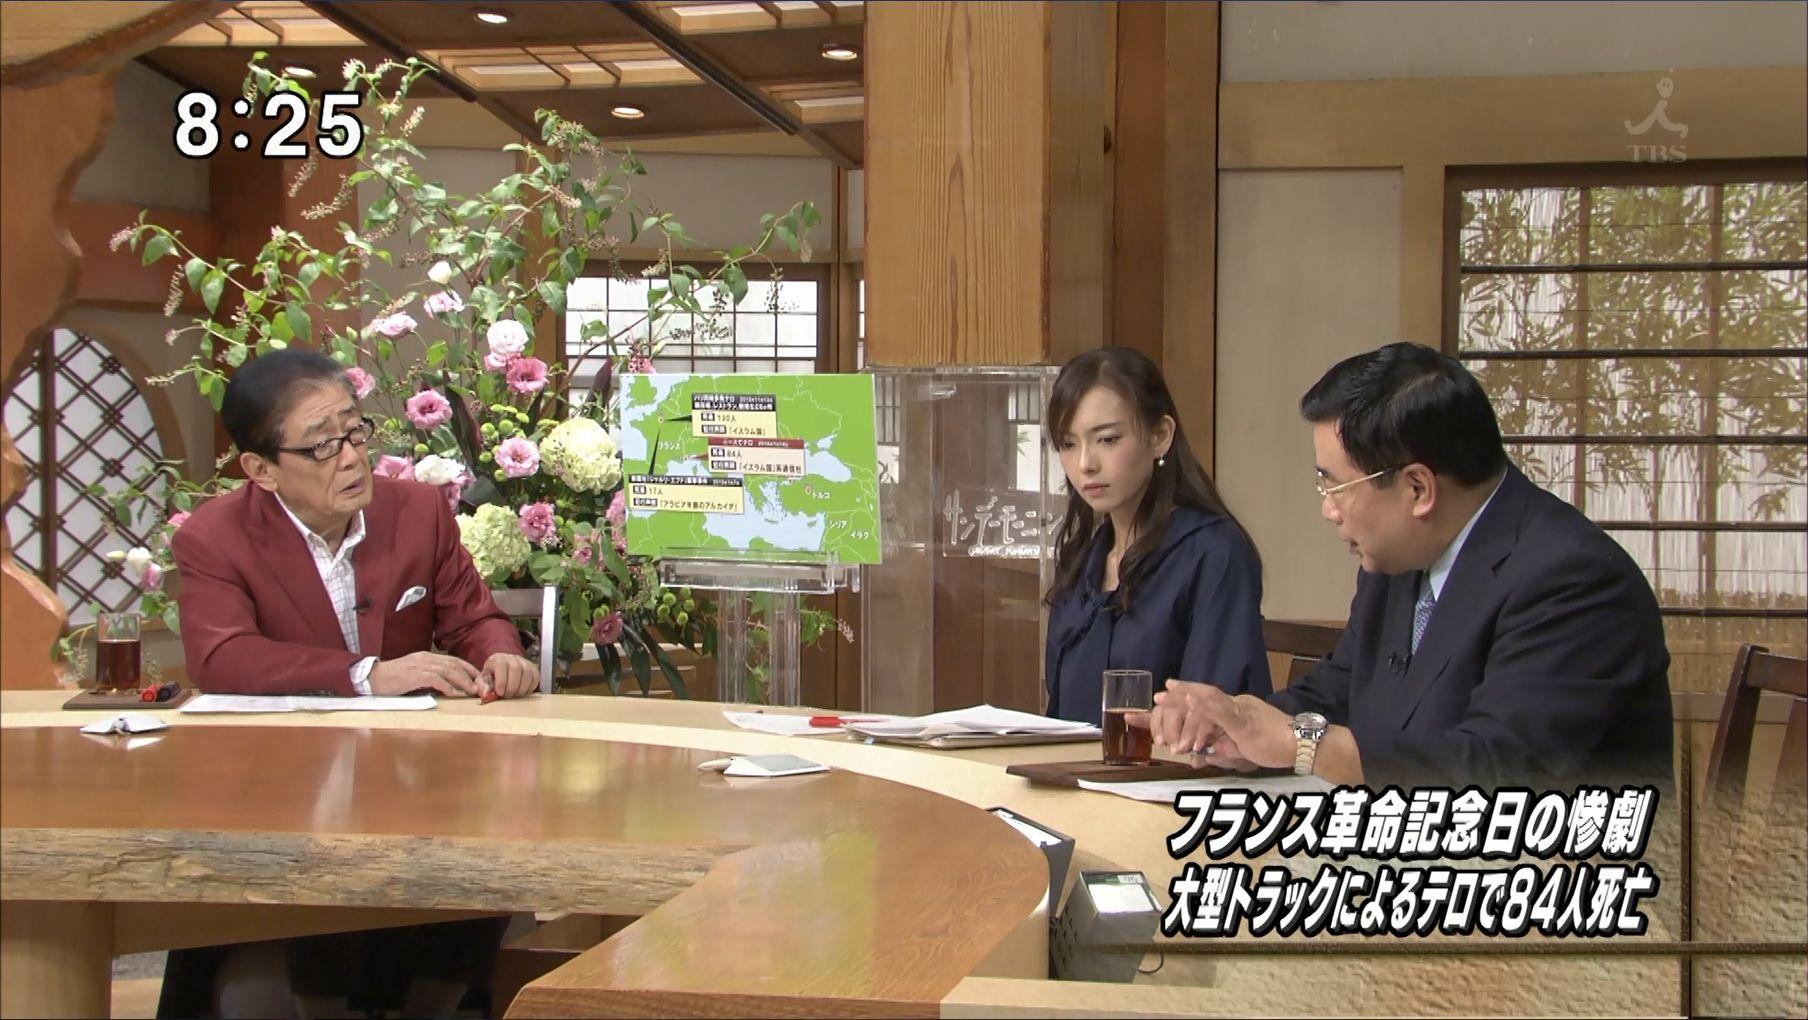 美しい女性アナウンサーを挙げるスレ 2 [転載禁止]©2ch.netYouTube動画>3本 ->画像>115枚